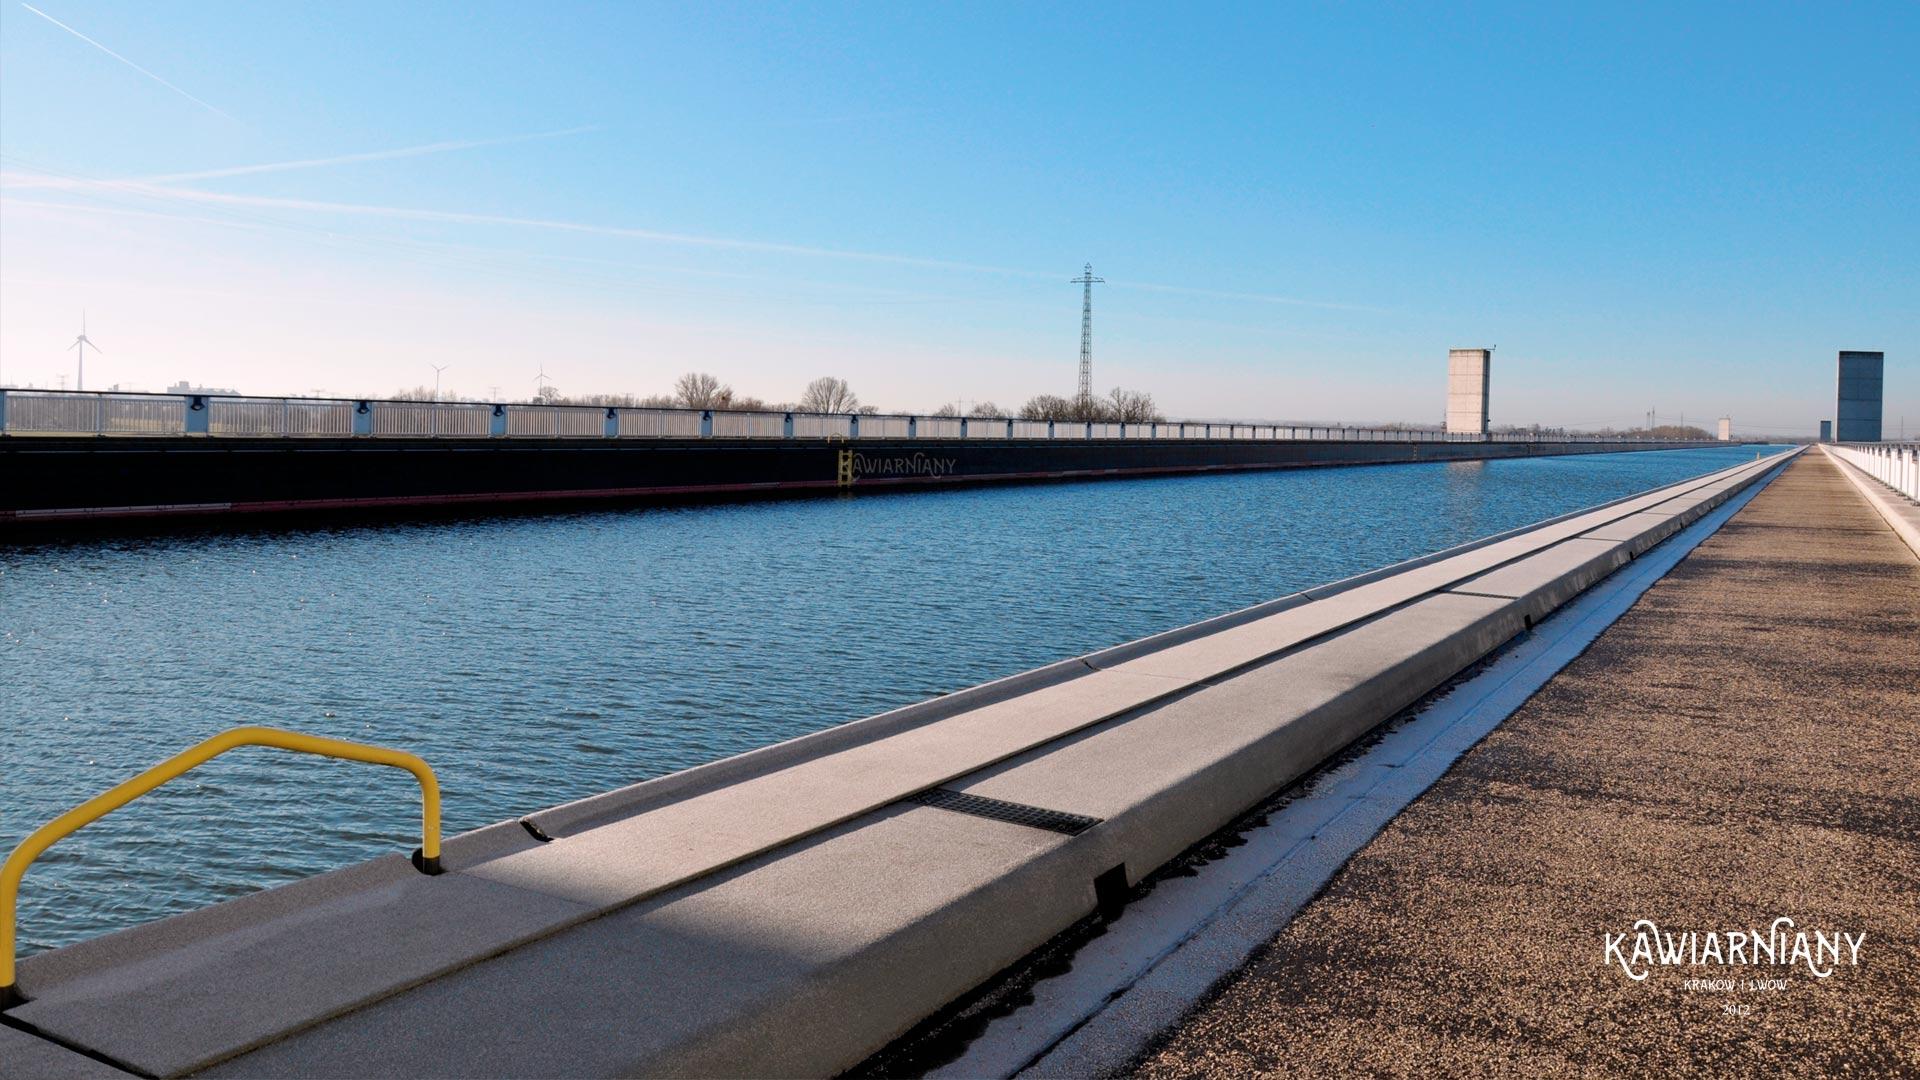 Kanalbrücke Magdeburg czyli most… dla łodzi w Magdeburgu